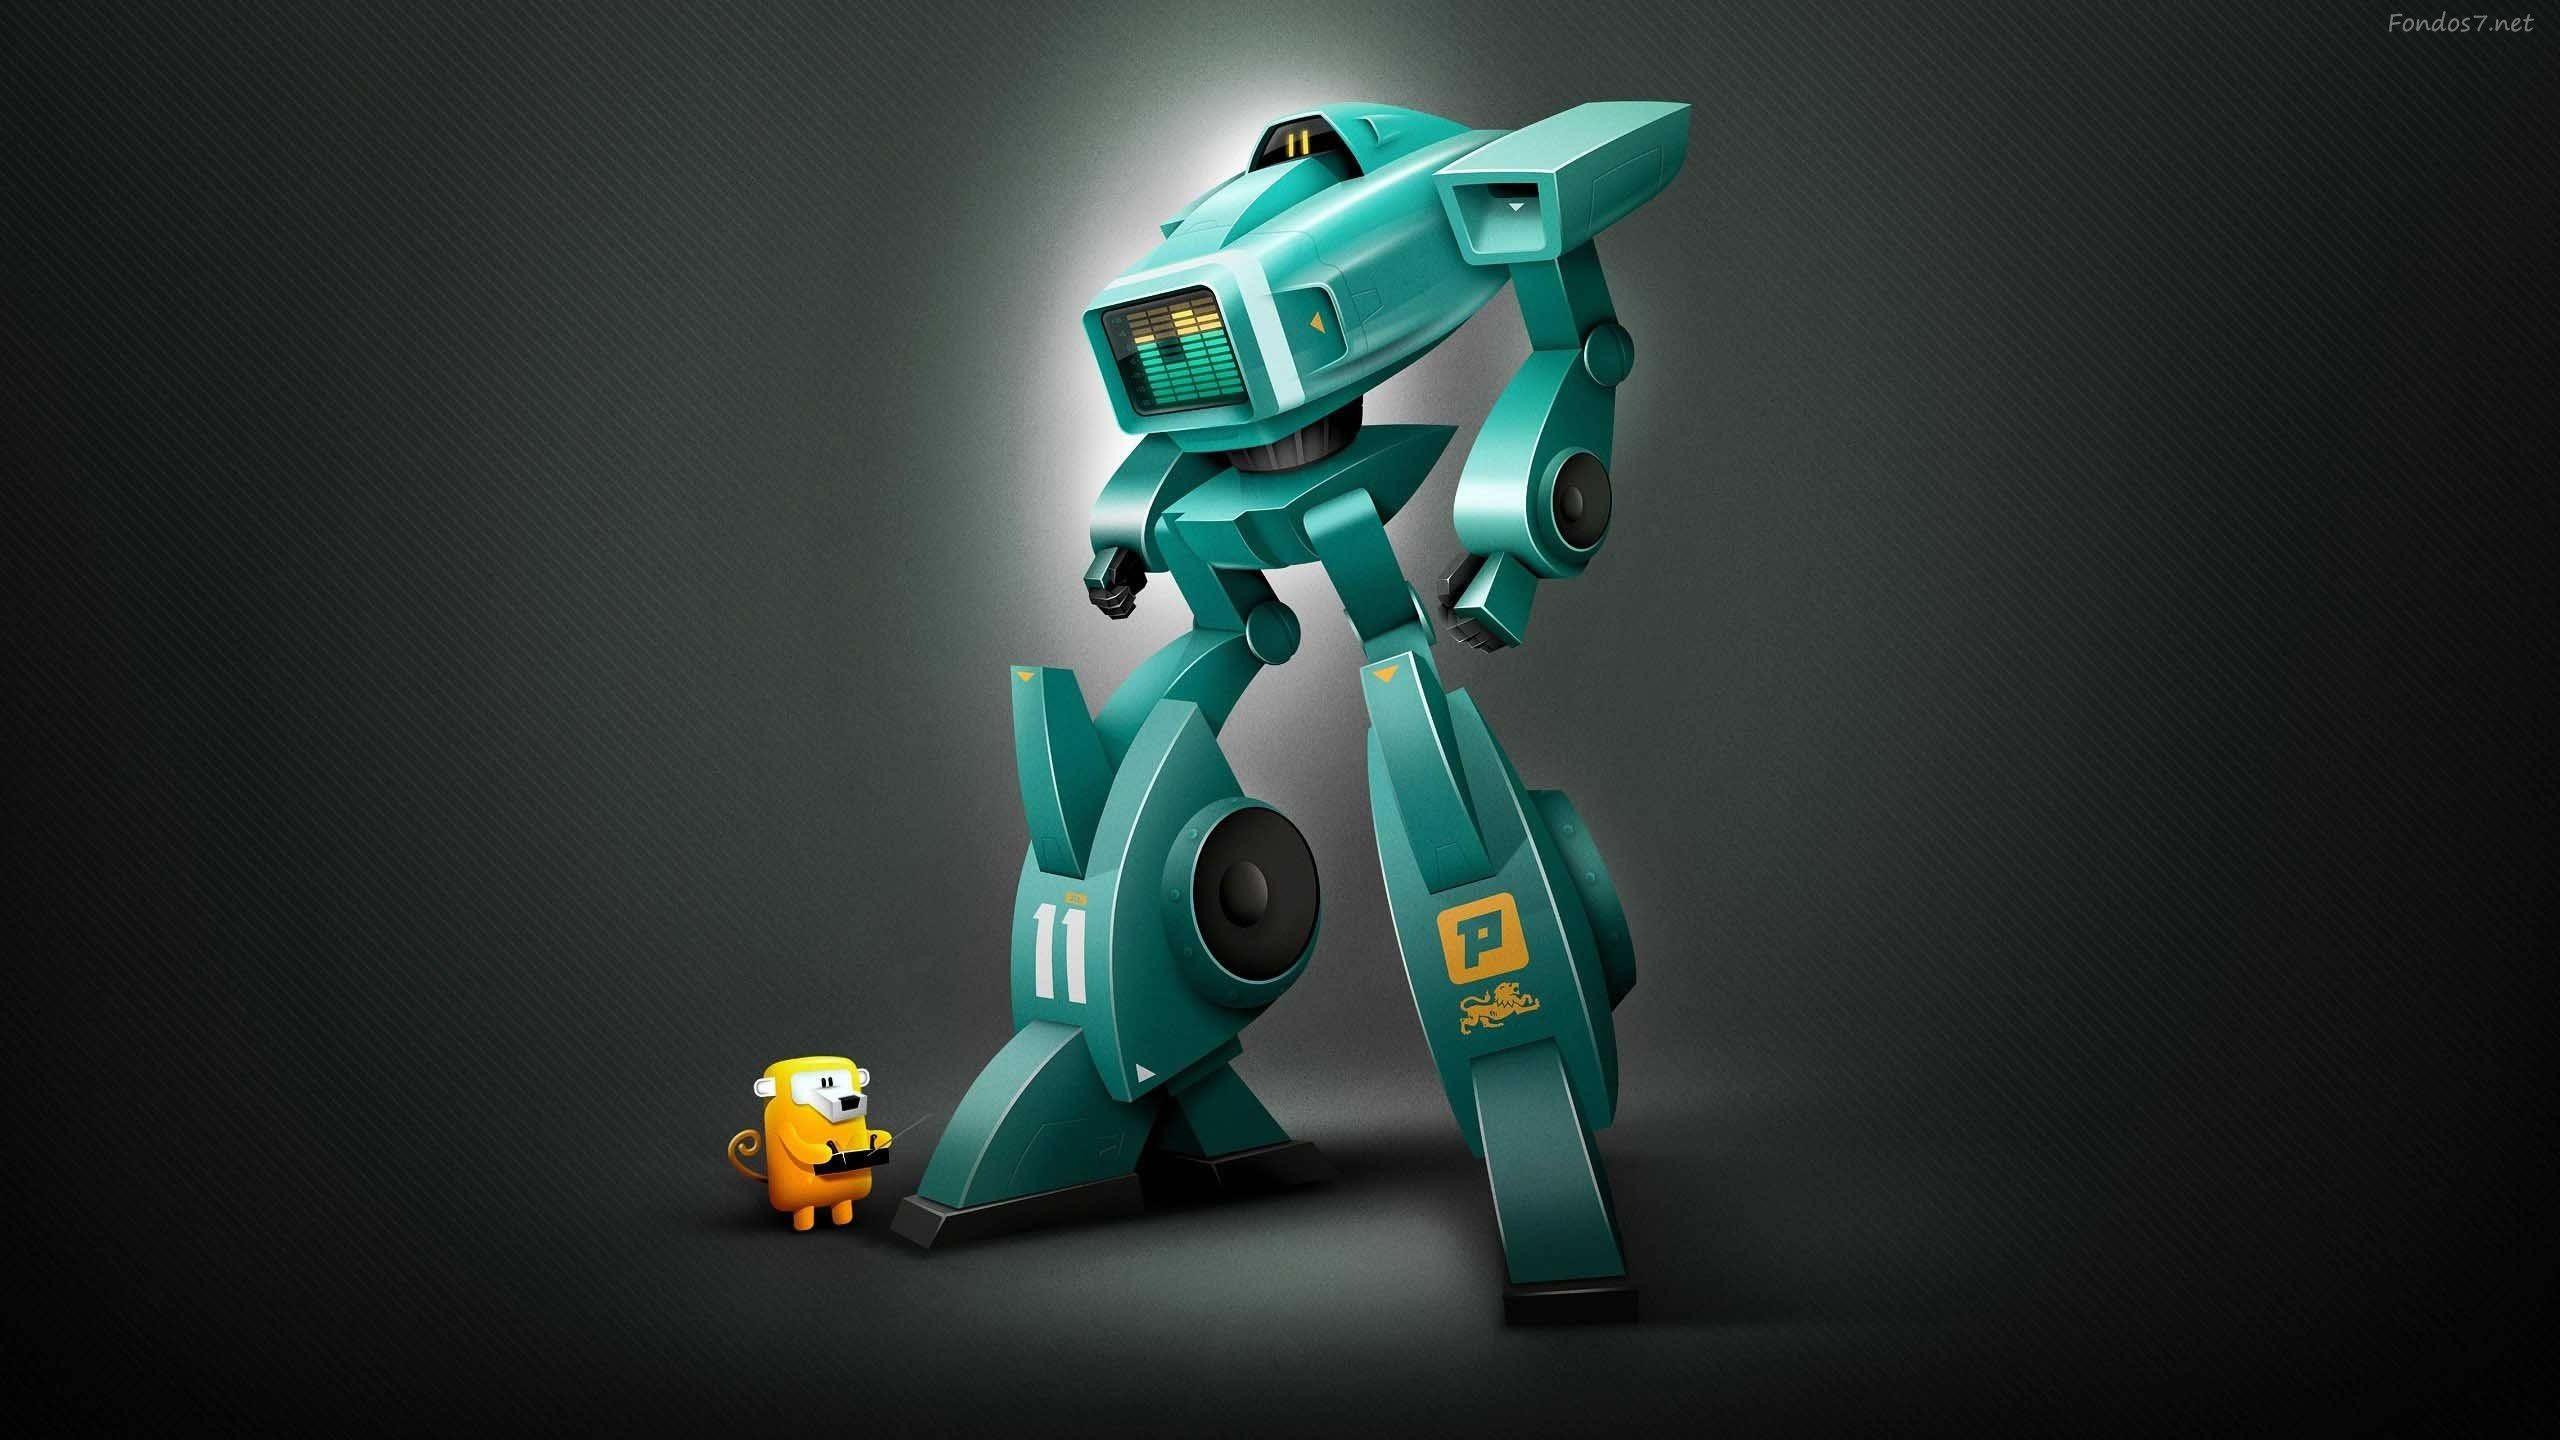 Cute robot wallpaper 71 images - Robot wallpaper 3d ...